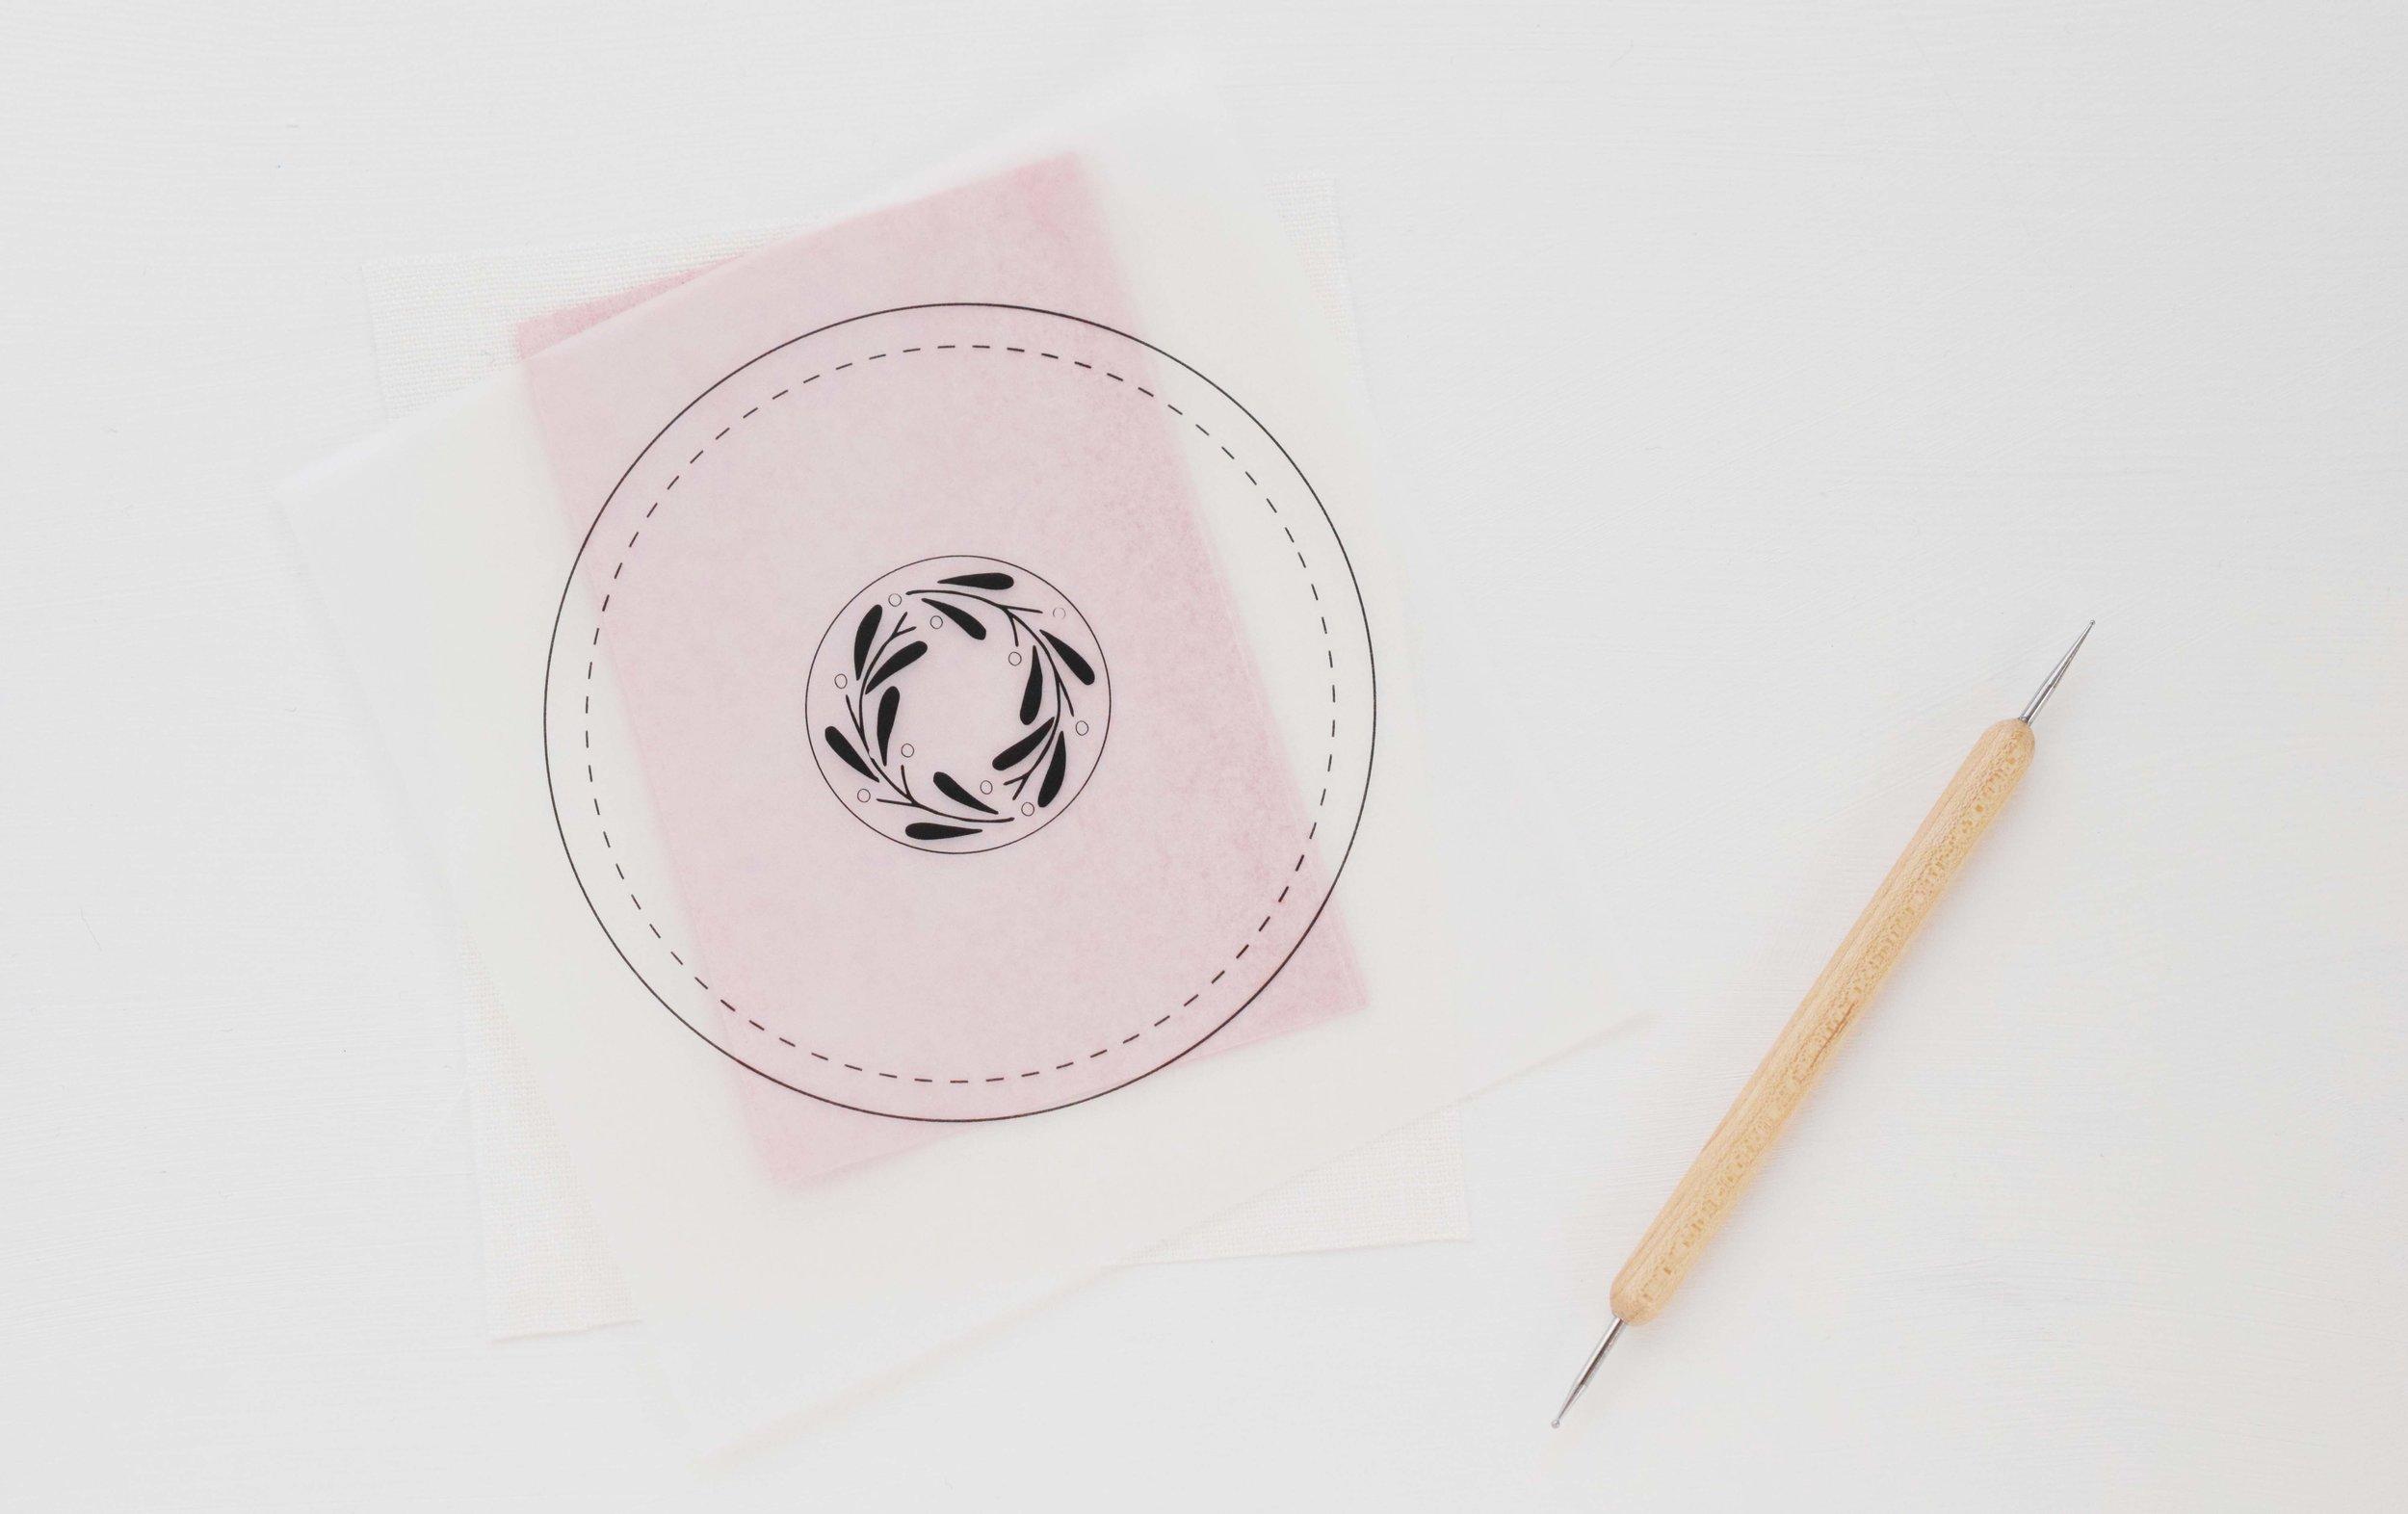 図案の写し方 刺繍 初めて